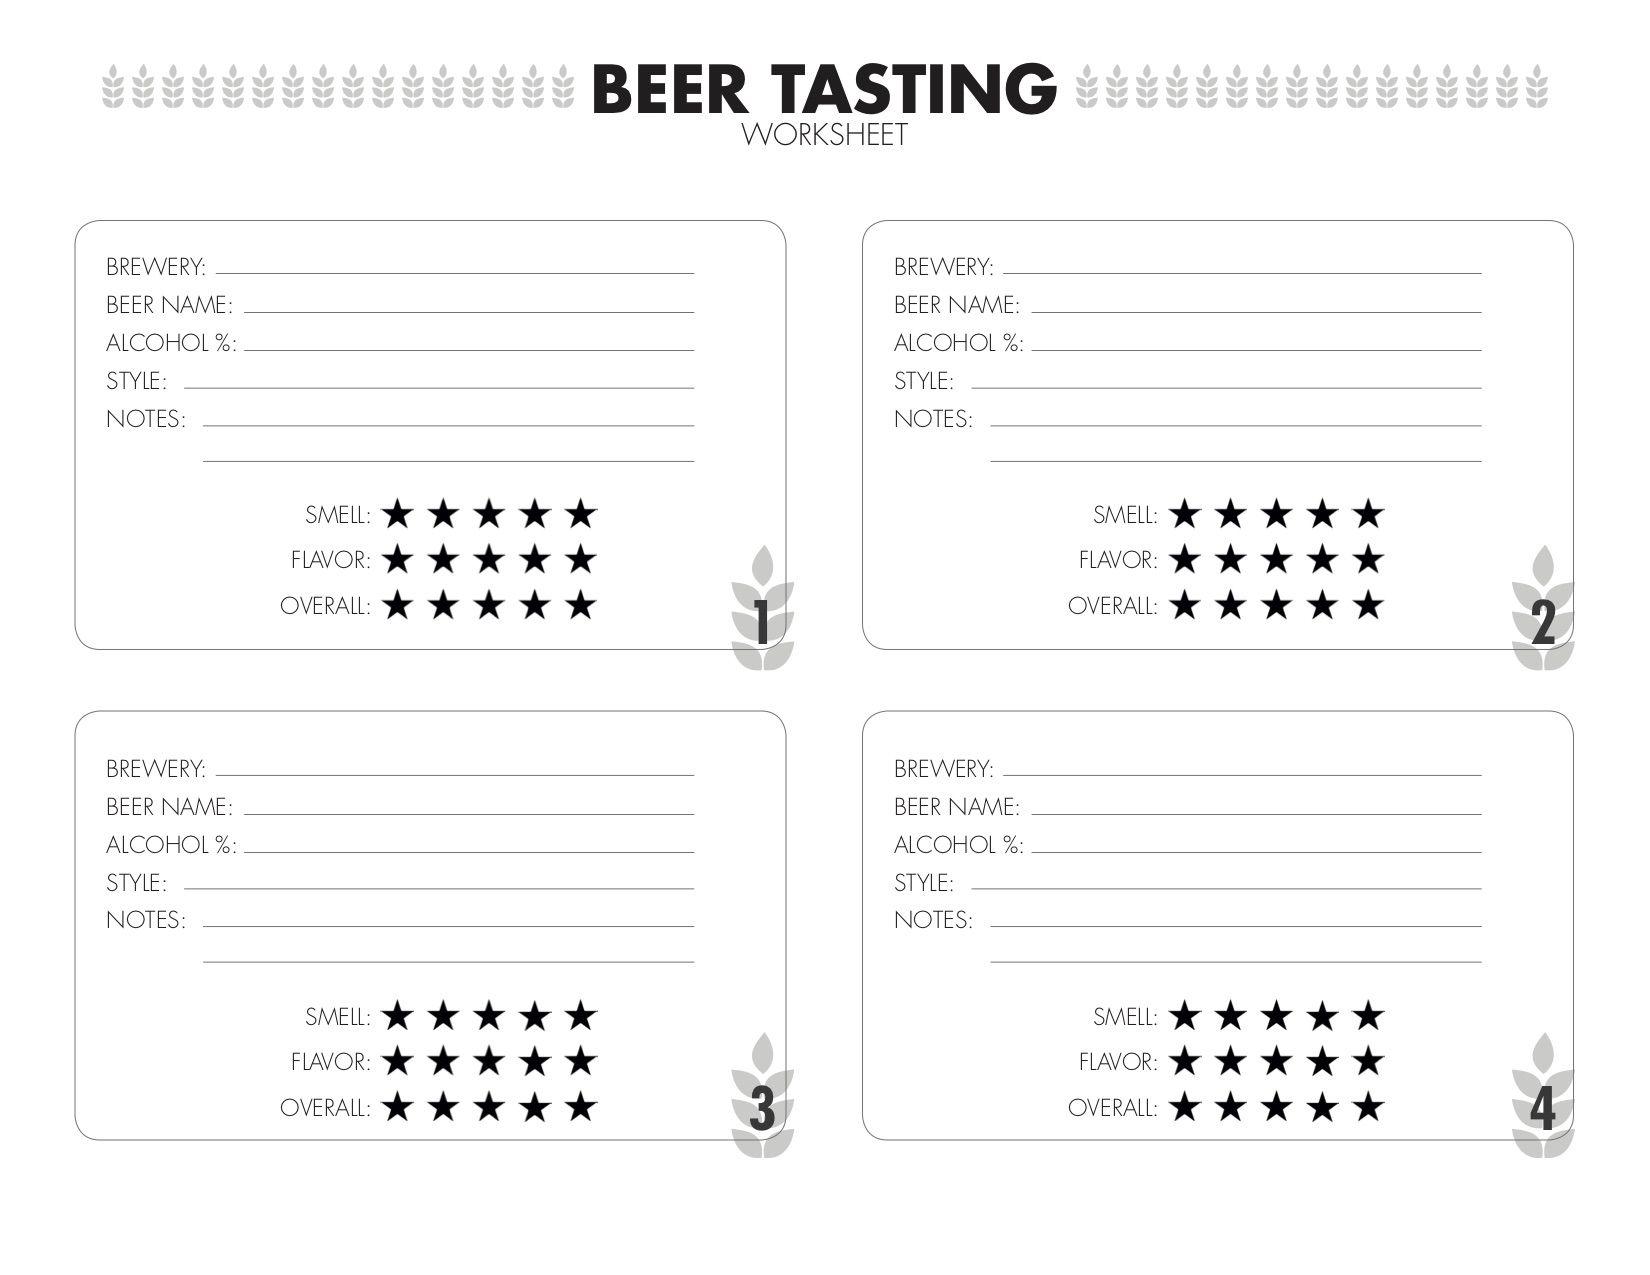 Host An Oktoberfest Beer Tastingentertain Celebrateideas Tipsinspiration Beer Beer Tasting Parties Beer Tasting